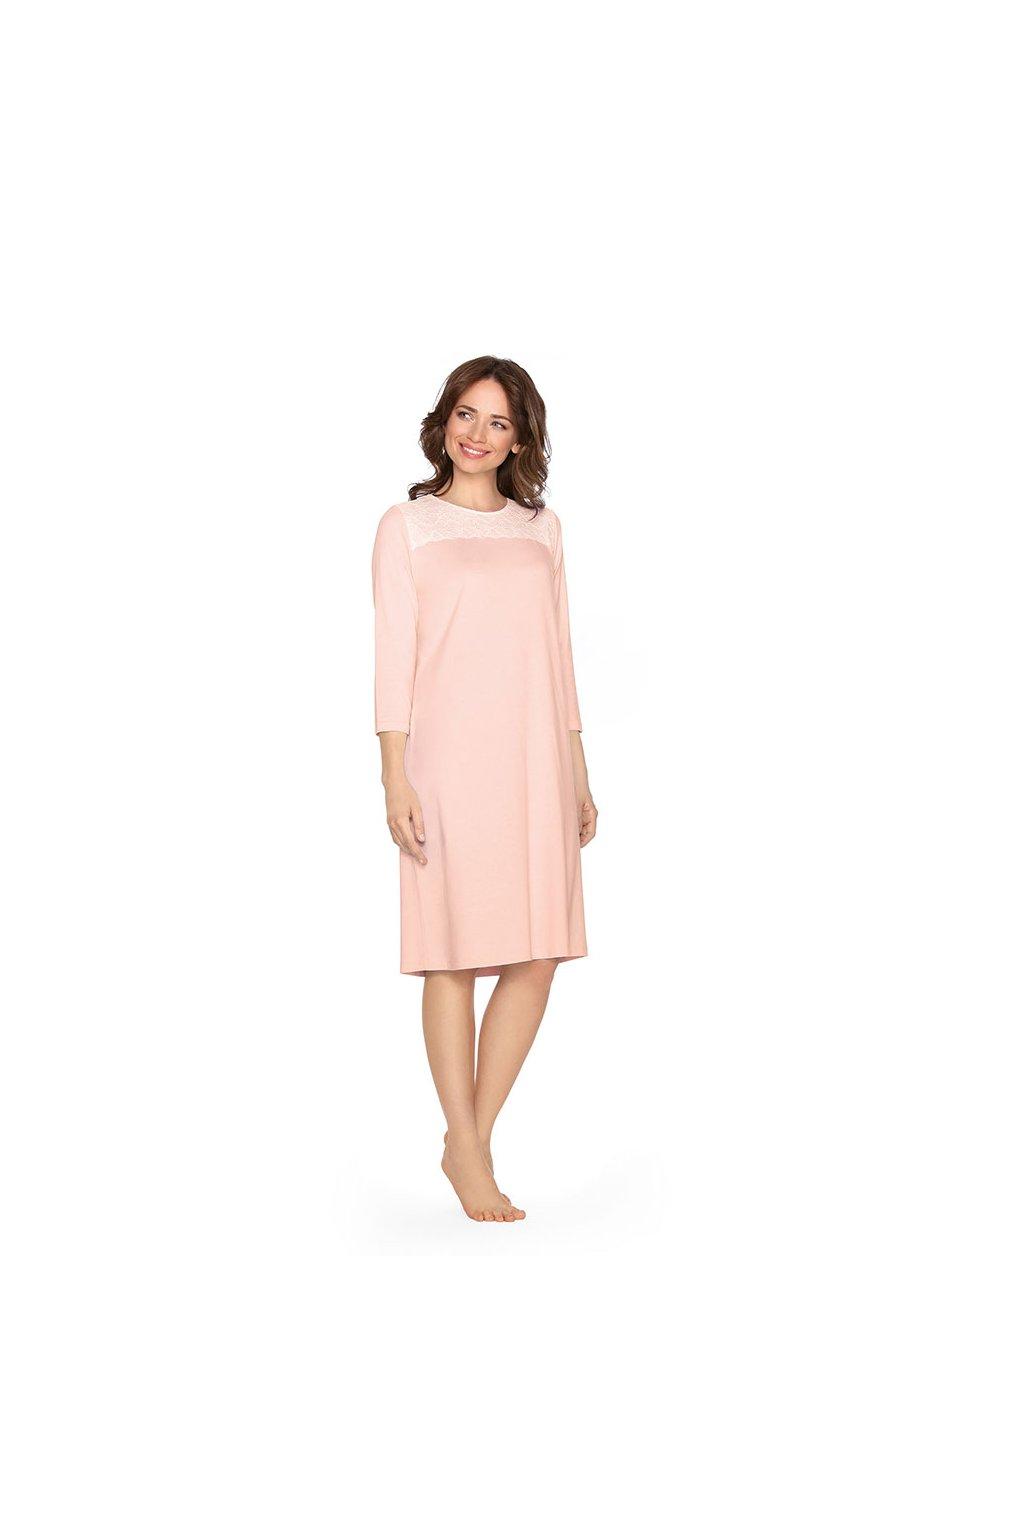 Dámská noční košile s 3/4 rukávem, 104453 9, růžová